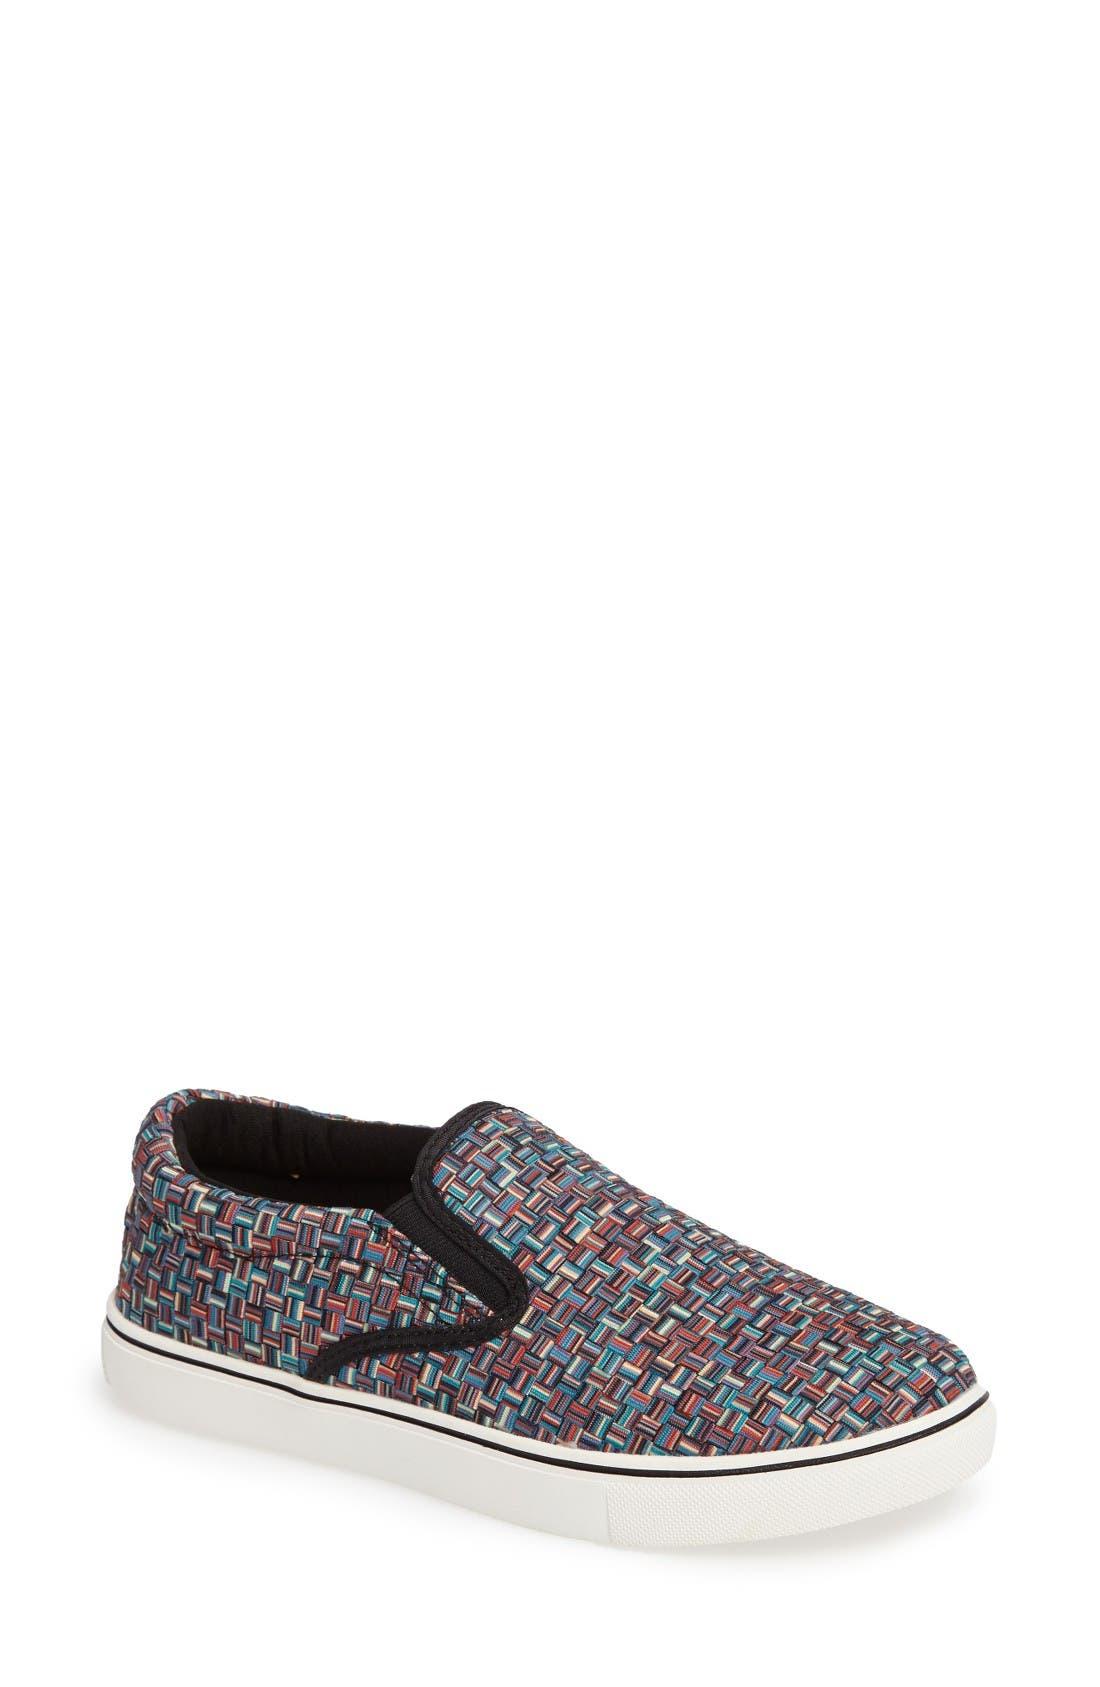 'Verona' Slip-On Sneaker,                             Main thumbnail 1, color,                             Lapis Multi Fabric